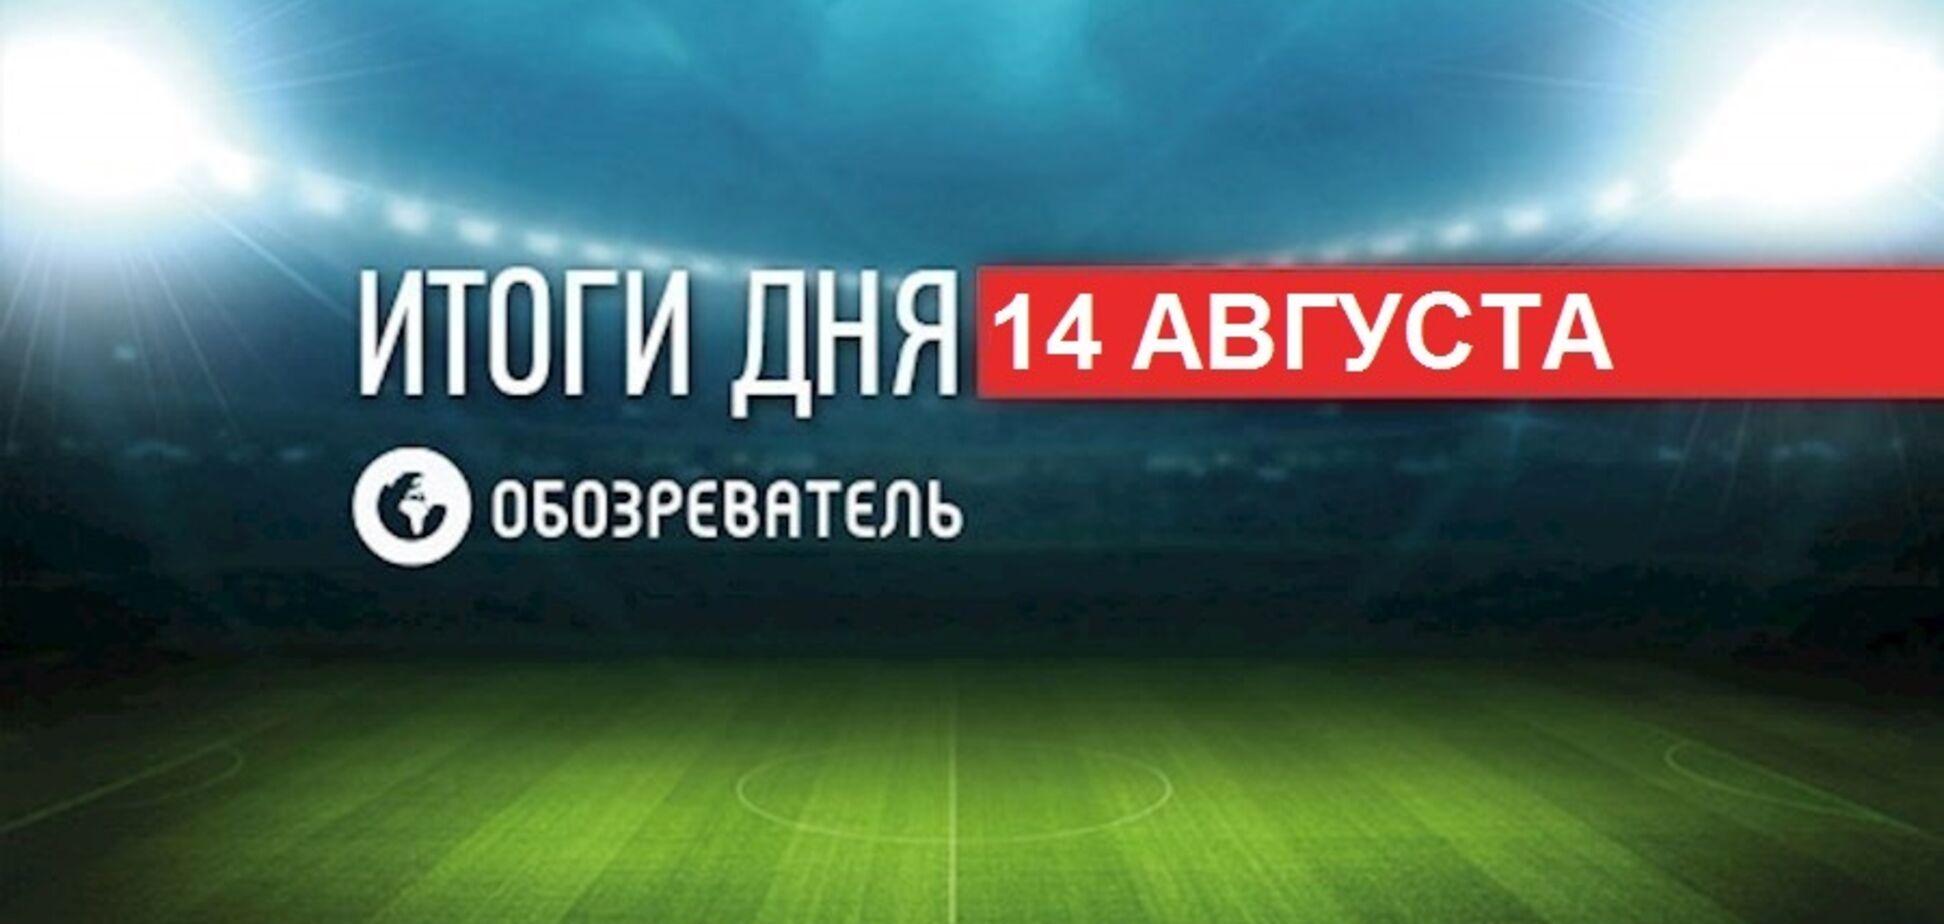 'Динамо' вышло в плей-офф Лиги чемпионов: спортивные итоги 14 августа